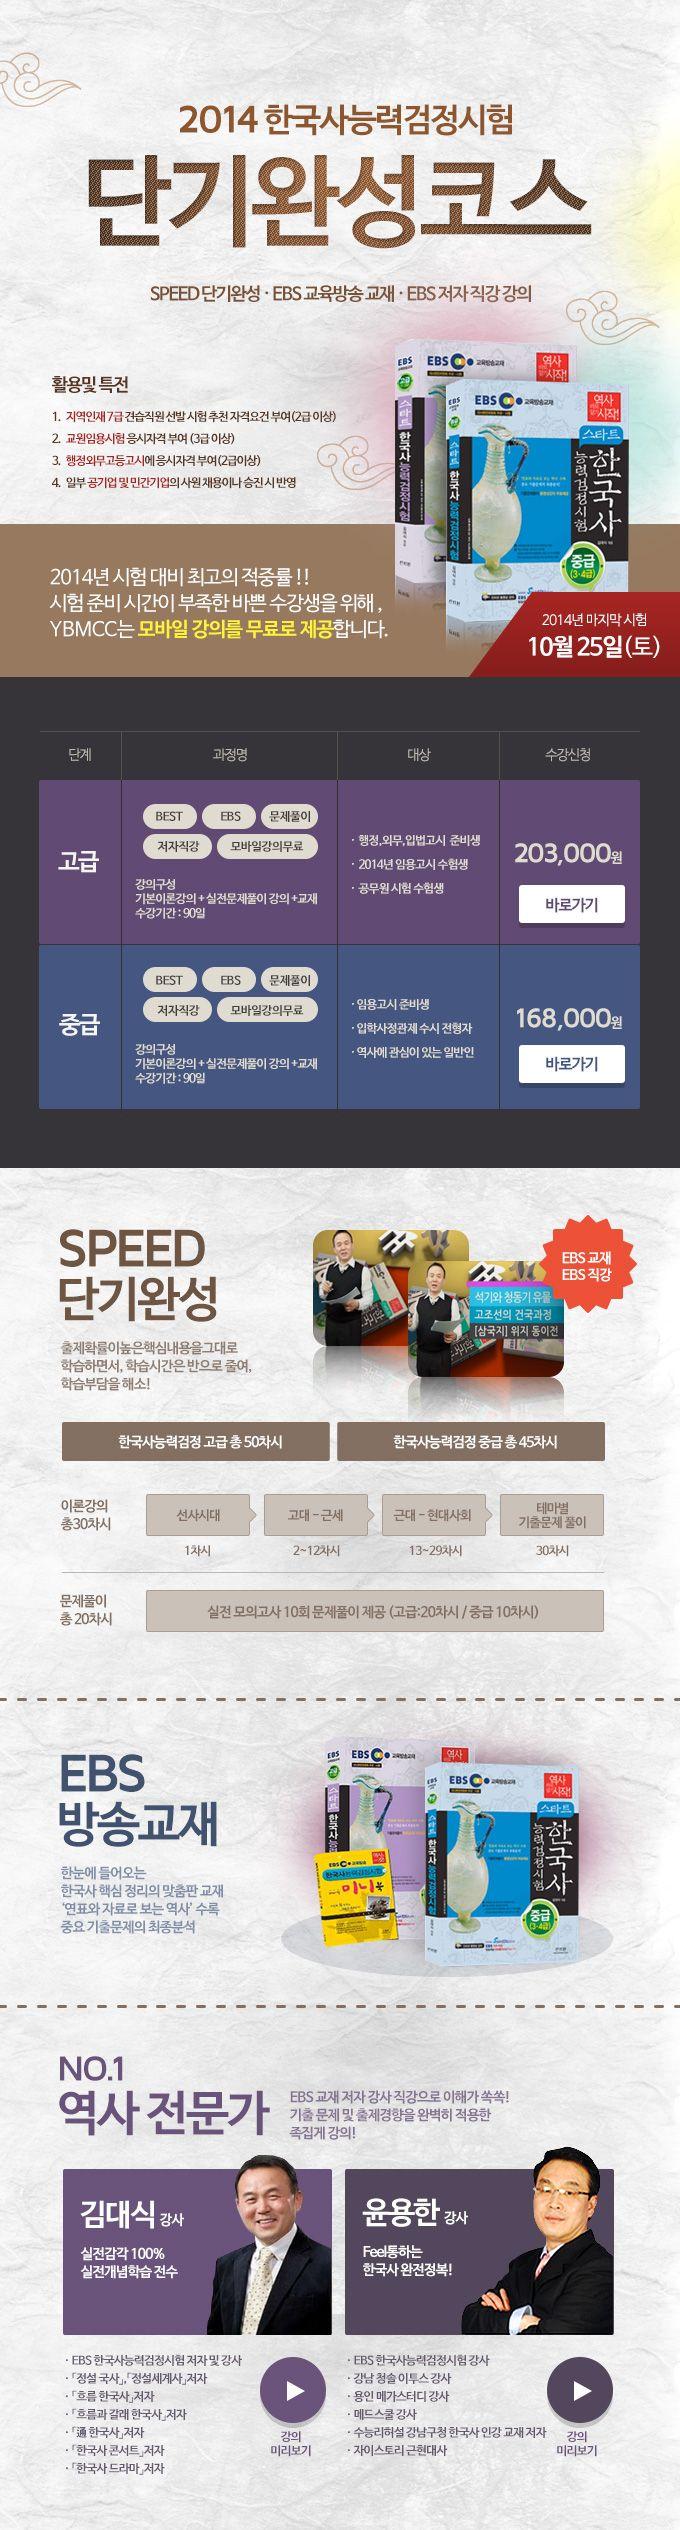 [YBMCC] 한국사 단기완성코스 (조)